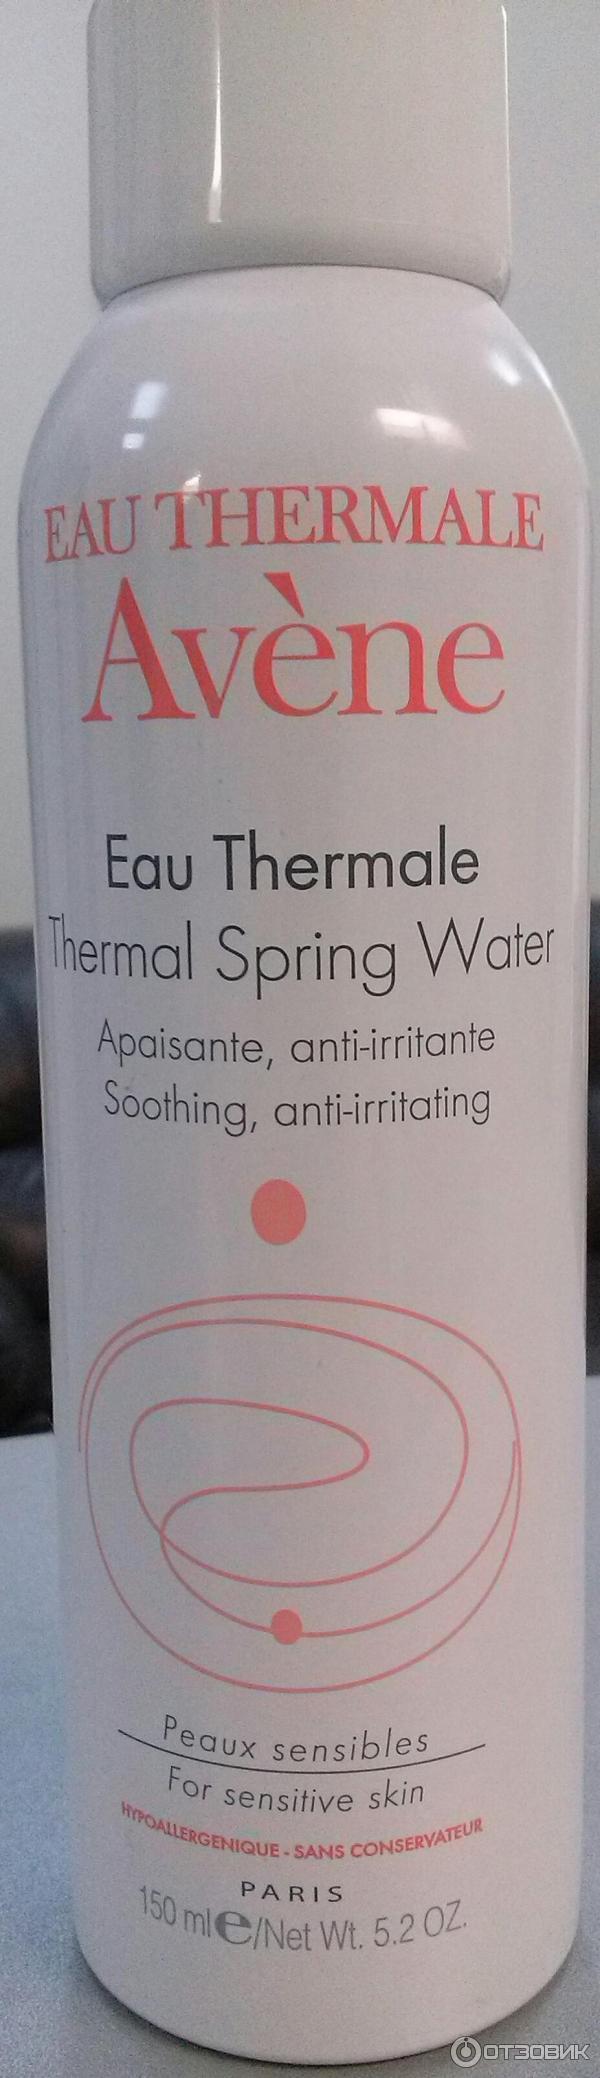 Как сделать термальную воду в домашних условиях - ХОЧУ. ua 71